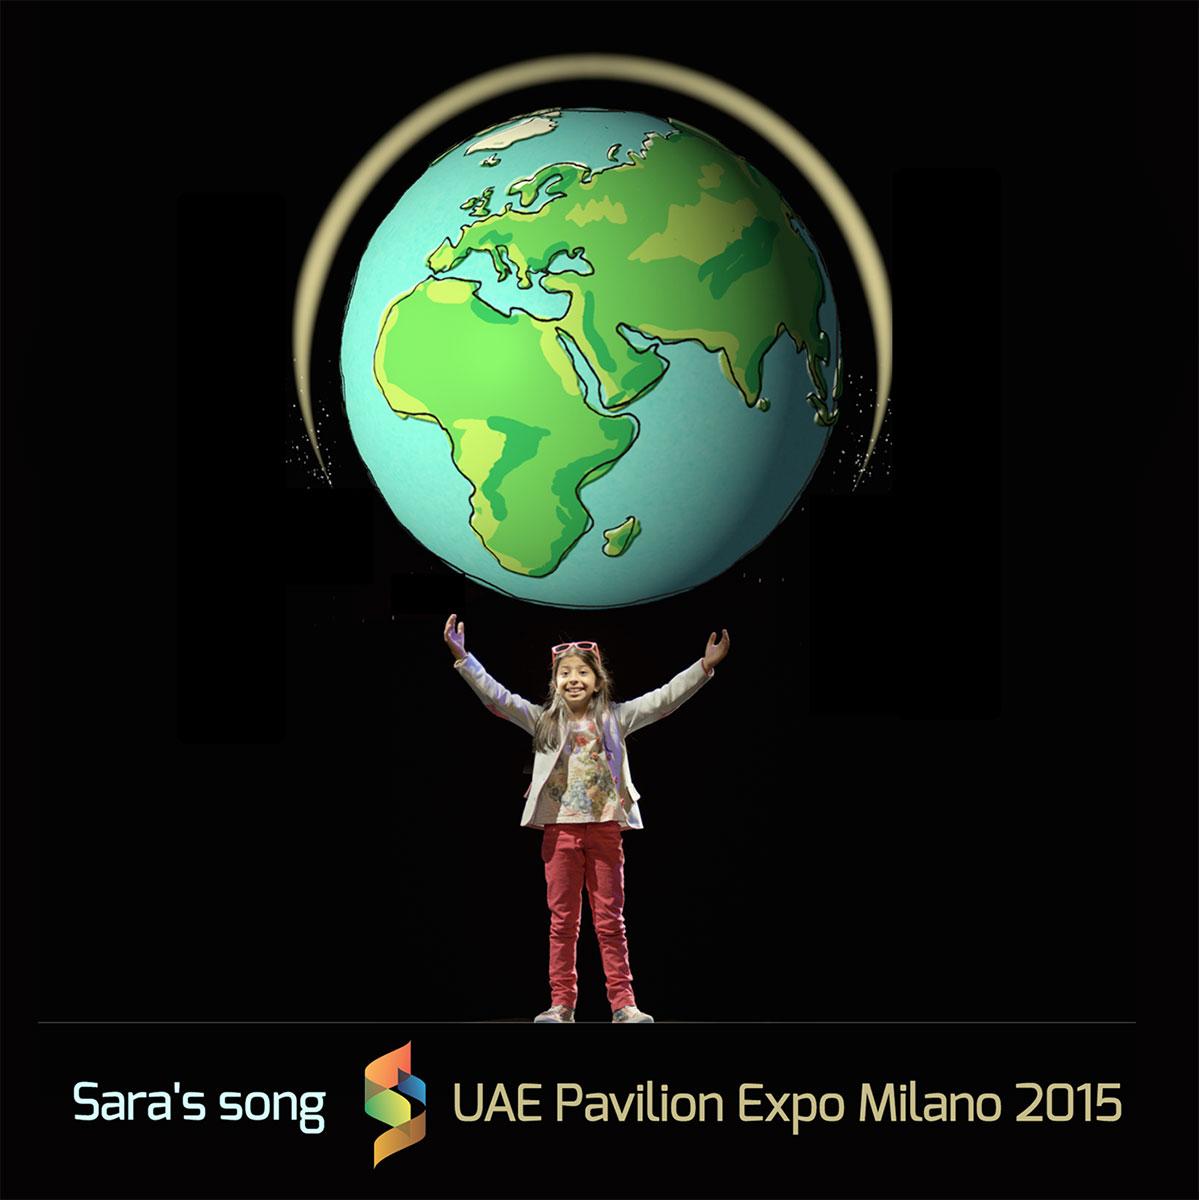 saras_song